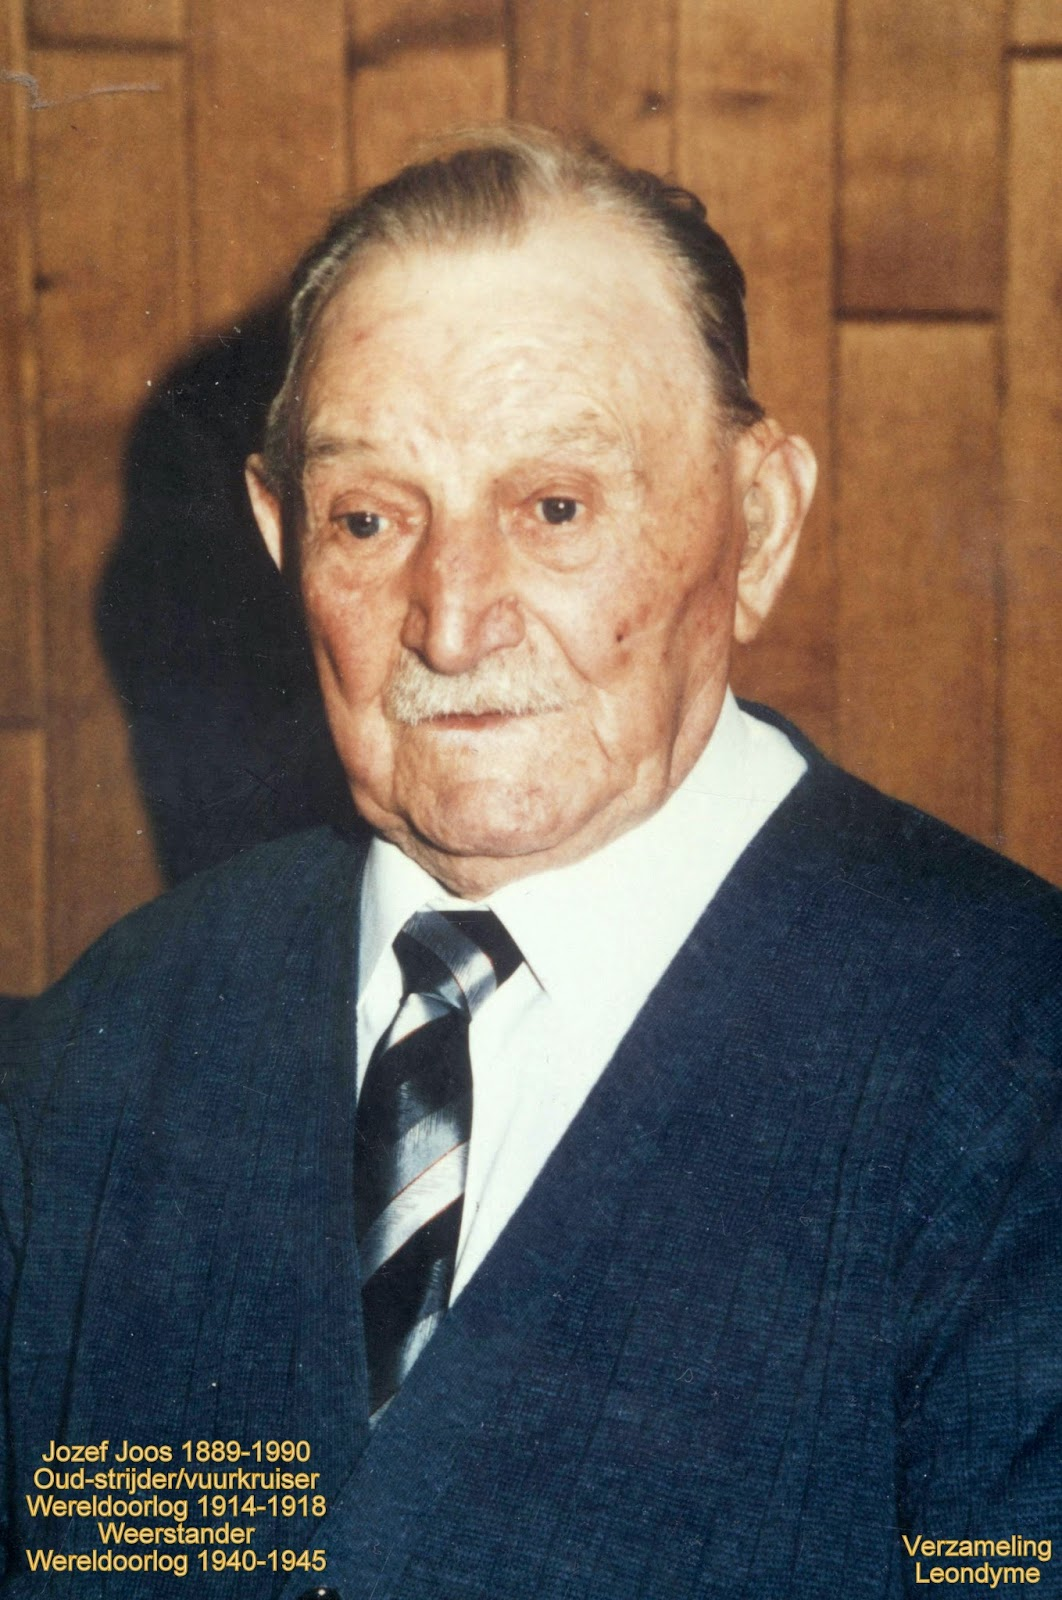 Voormalig oud-strijder en  vuurkruiser Jozef Joos uit  de Eerste Wereldoorlog en  verzetsstrijder uit de Tweede Wereldoorlog. Verzameling Leondyme.